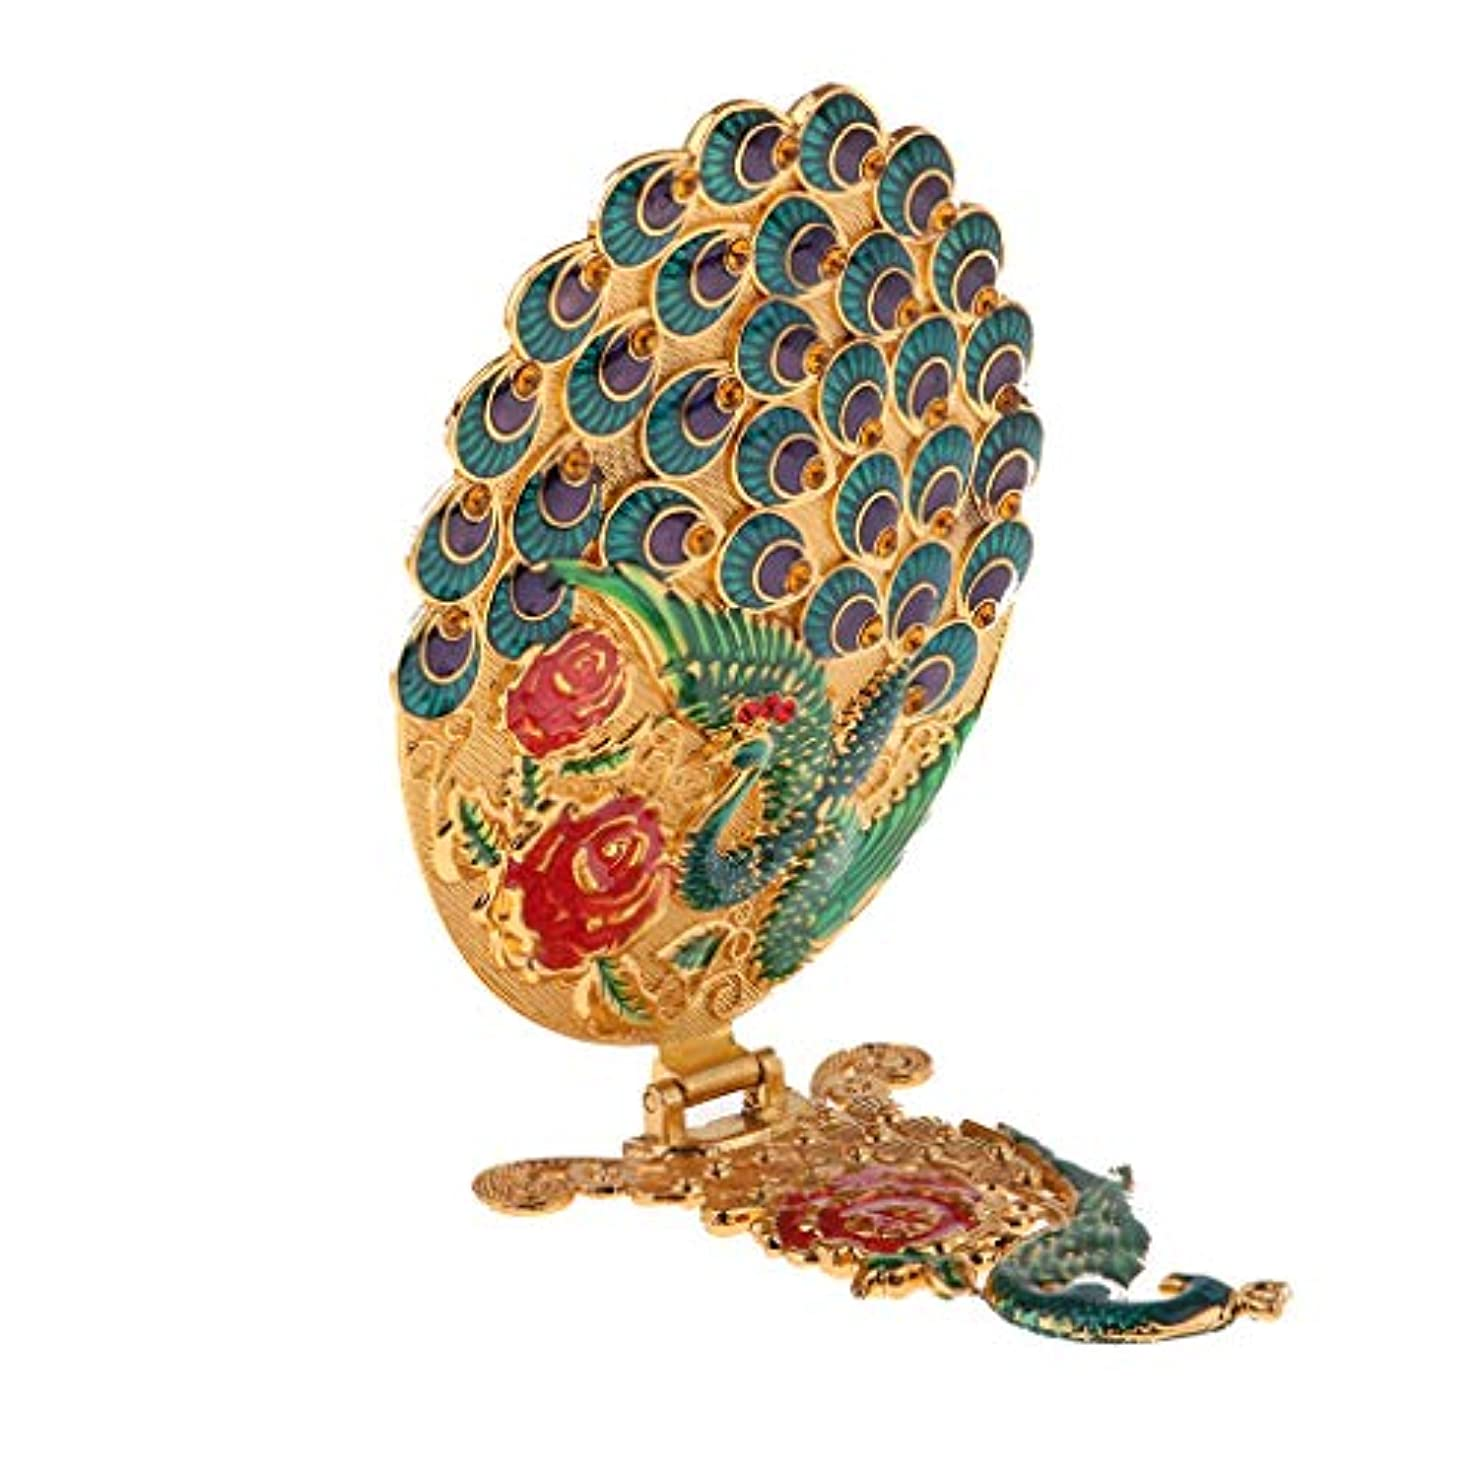 倫理遅らせるピグマリオン折りたたみミラー 卓上鏡 孔雀の形 フェイスケアツール ビンテージロイヤル柄 化粧品ツール 全3色 - 青